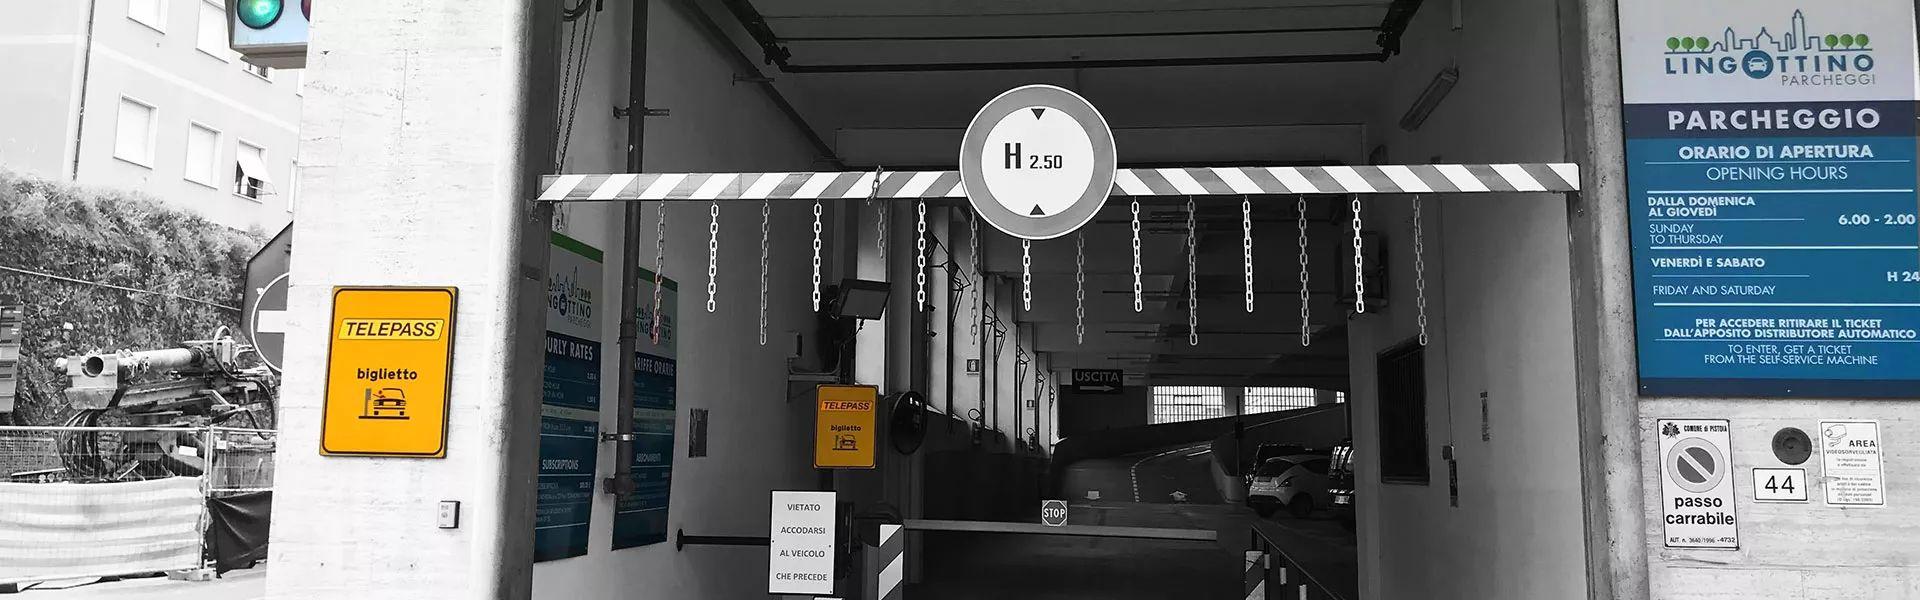 Ingresso parcheggio Lingottino Pistoia | Lingottino Parcheggi S.r.l.